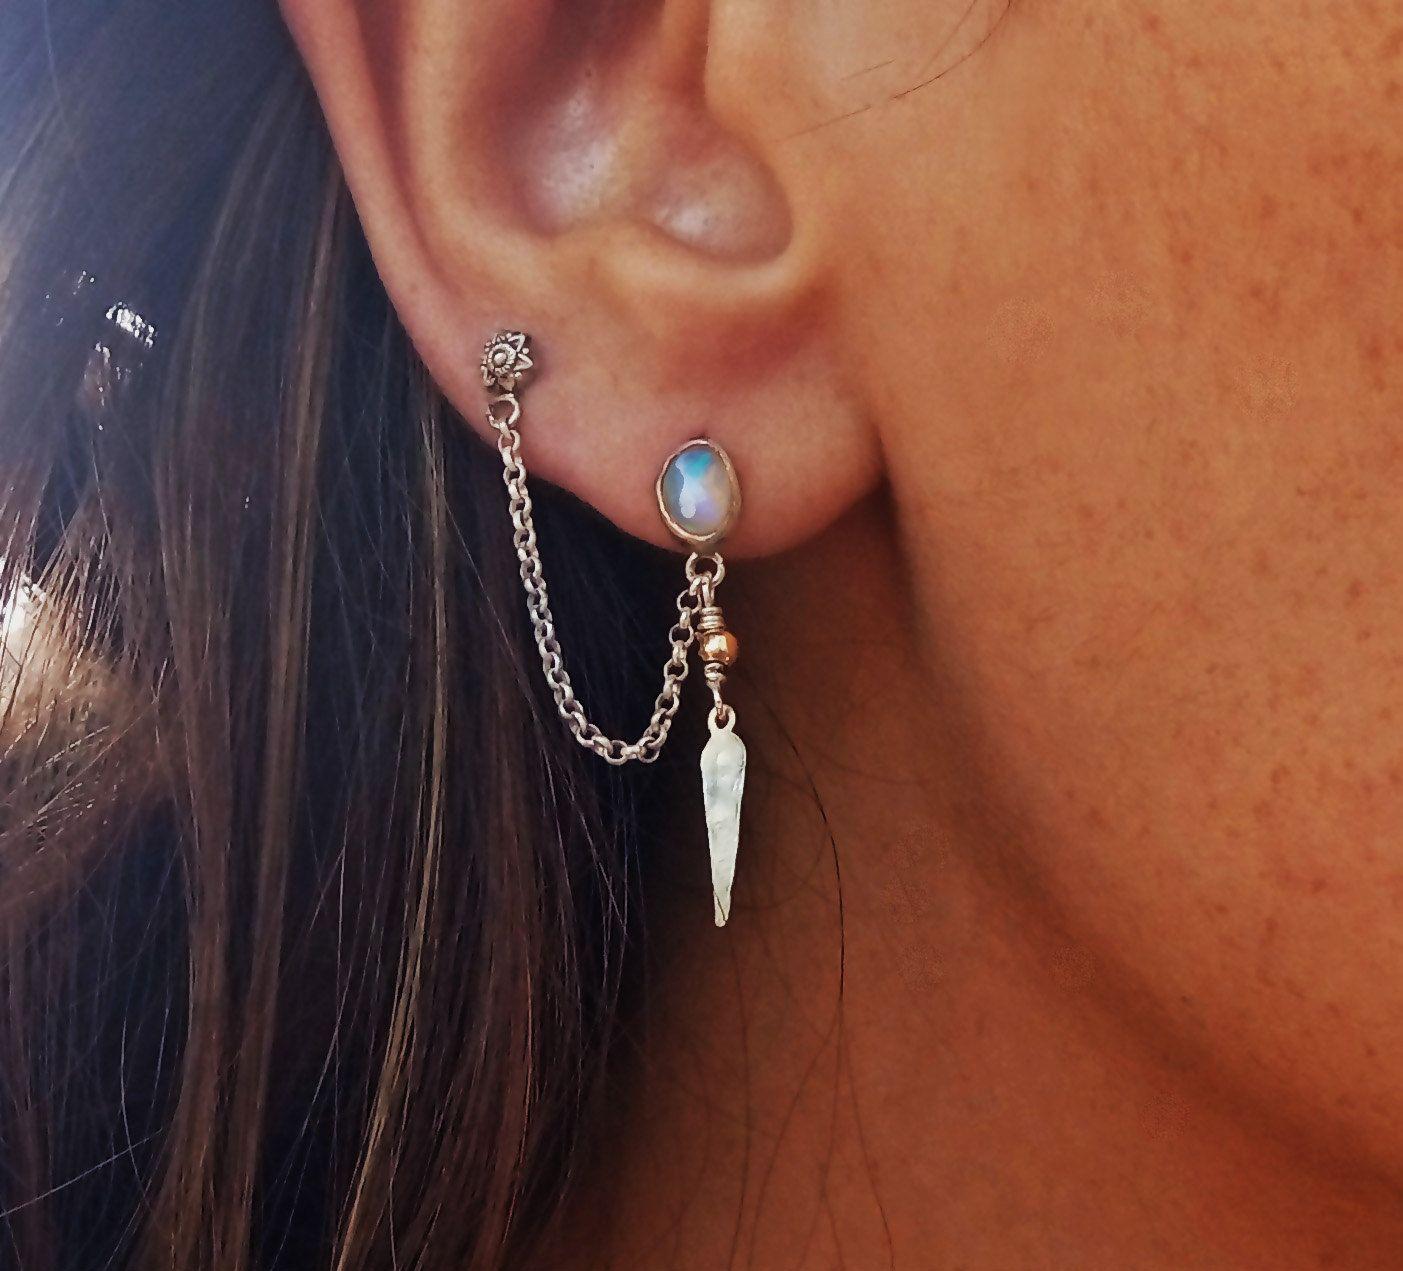 ethiopian opal double piercing earring - sterling silver 925